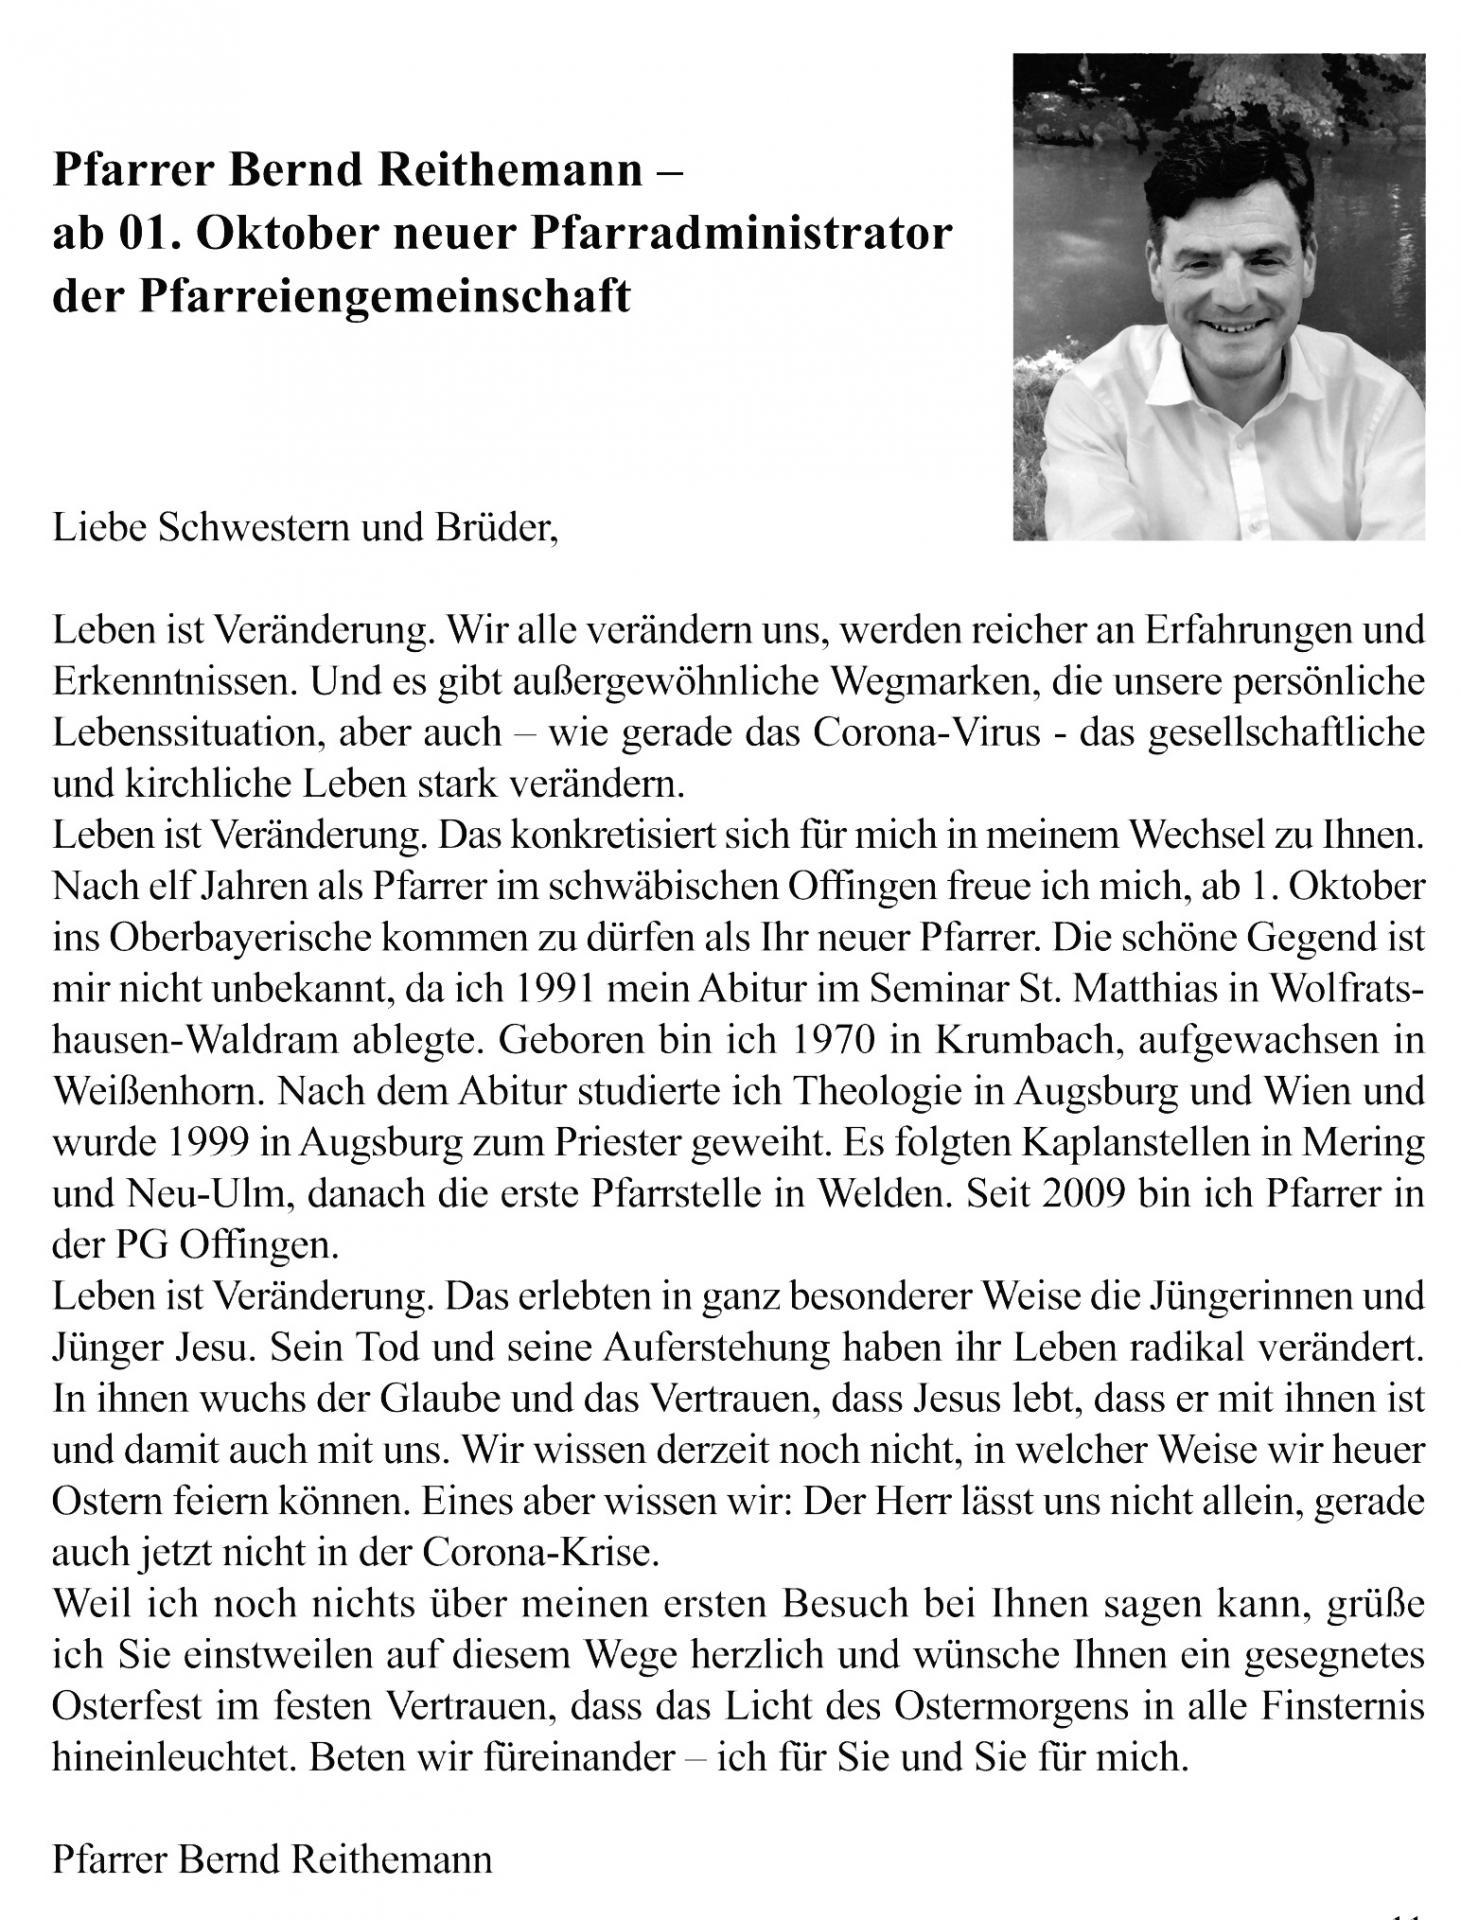 Pfarrer Bernd Reithemann